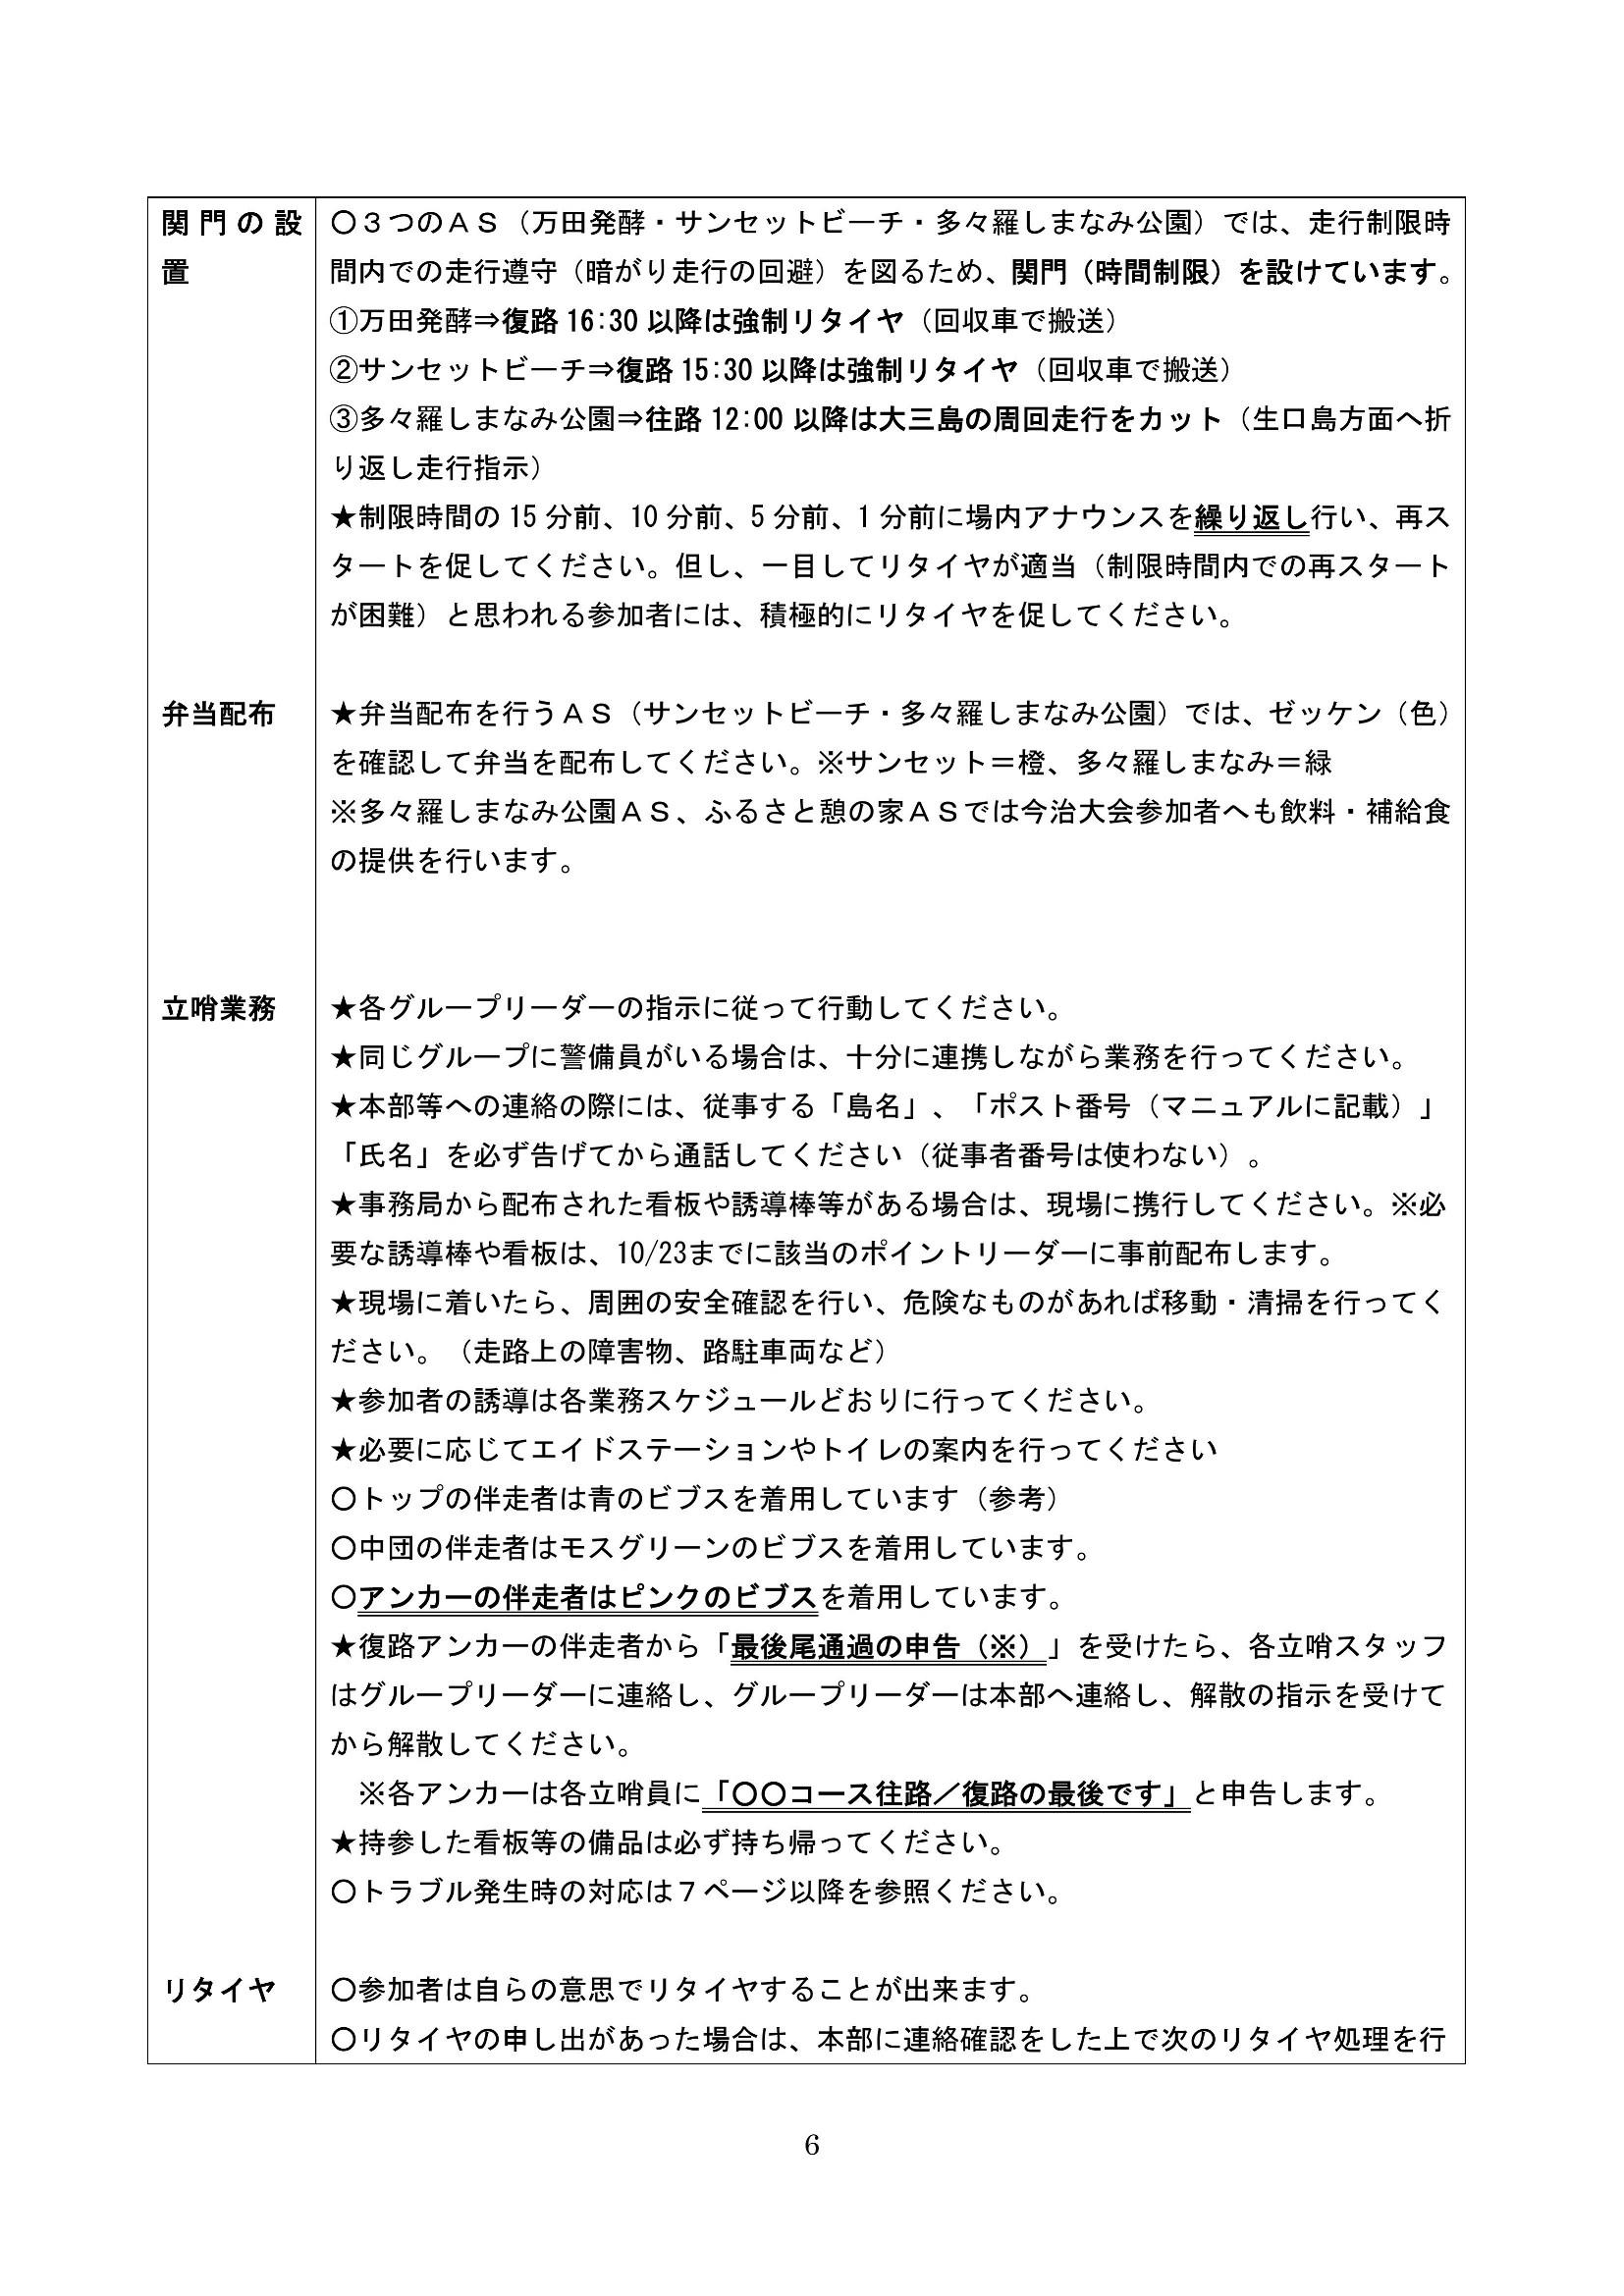 スタッフ共通マニュアル_06